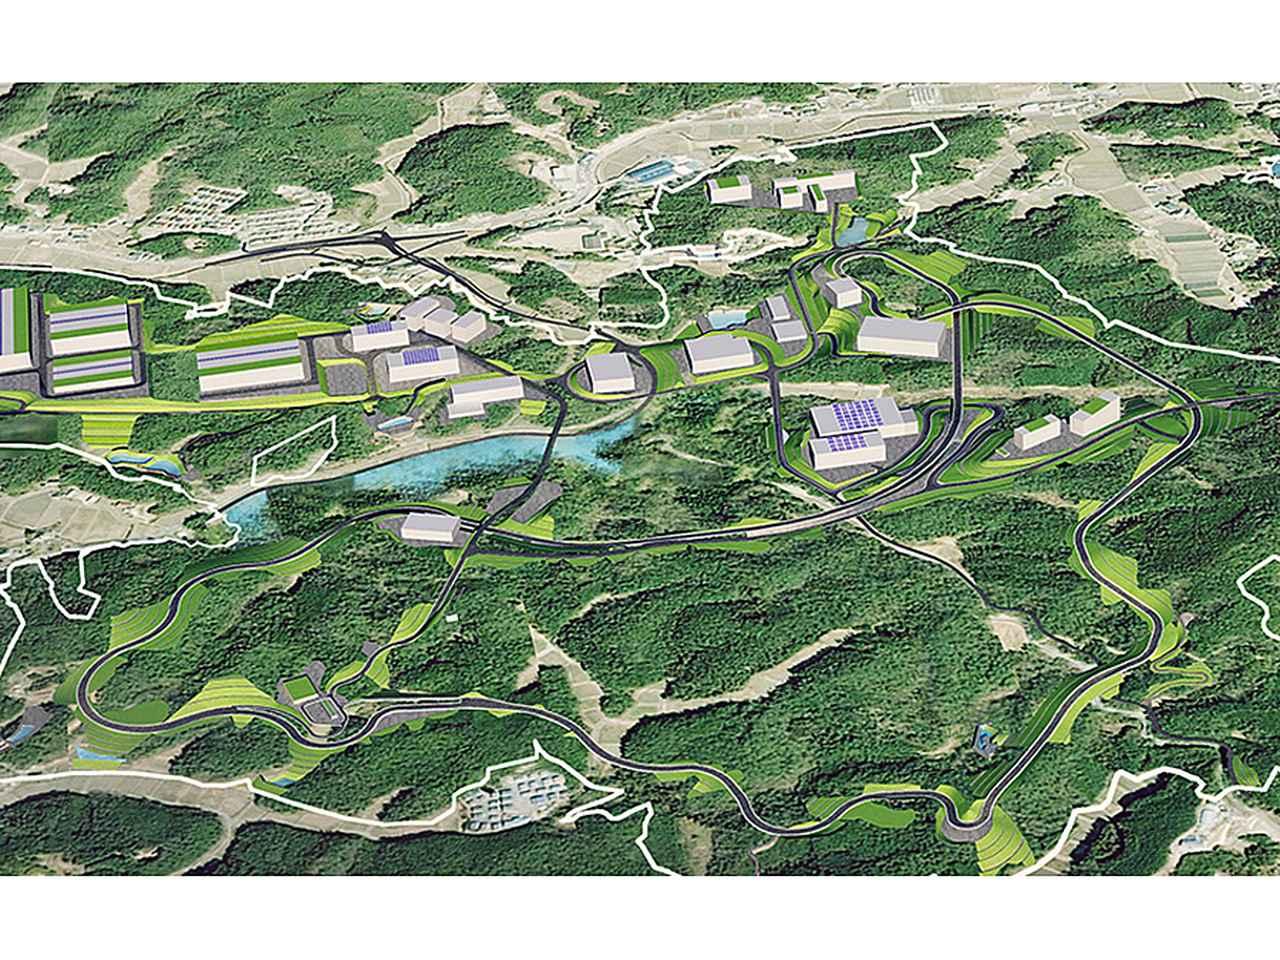 Images : 8番目の画像 - トヨタ テクニカルセンター 下山 - Webモーターマガジン